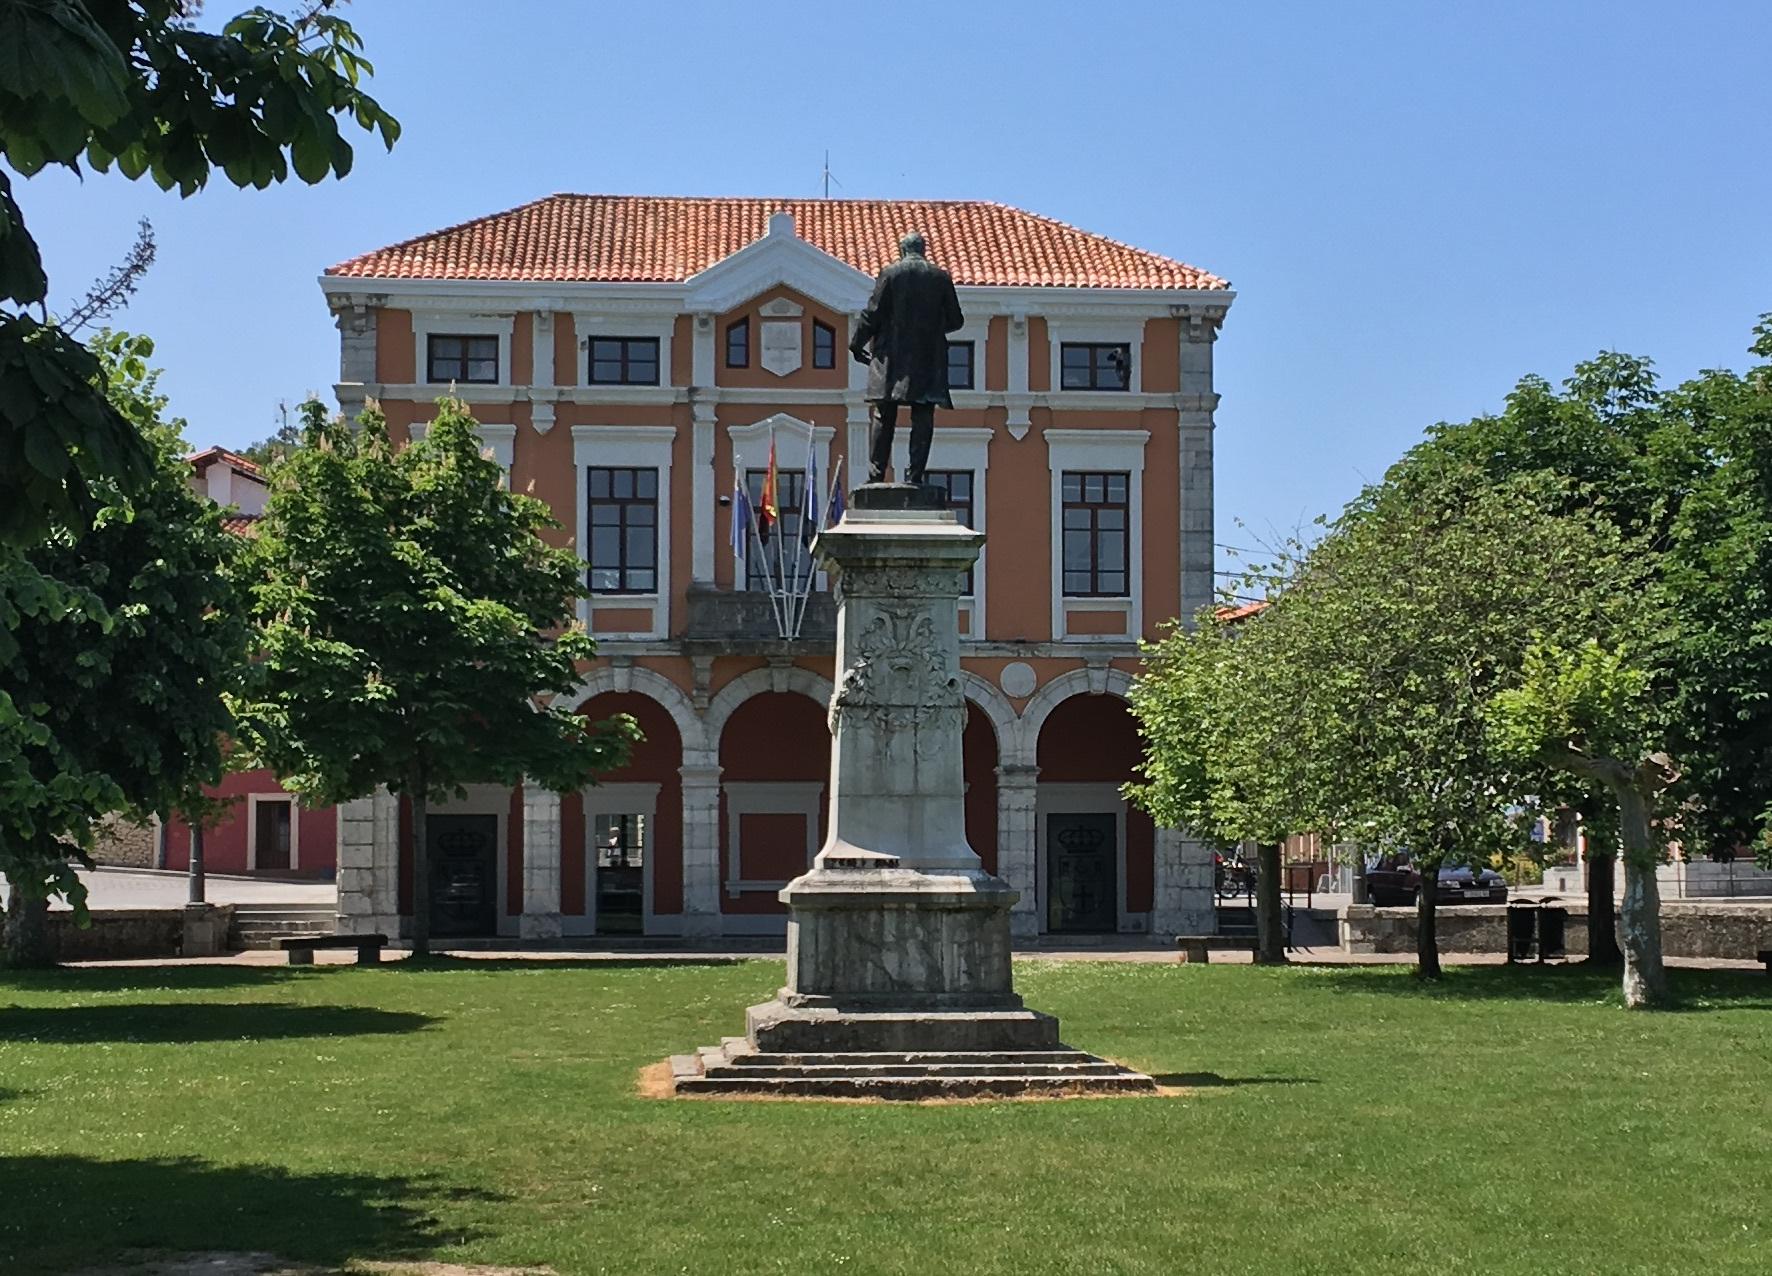 Condado de Ribadedeva